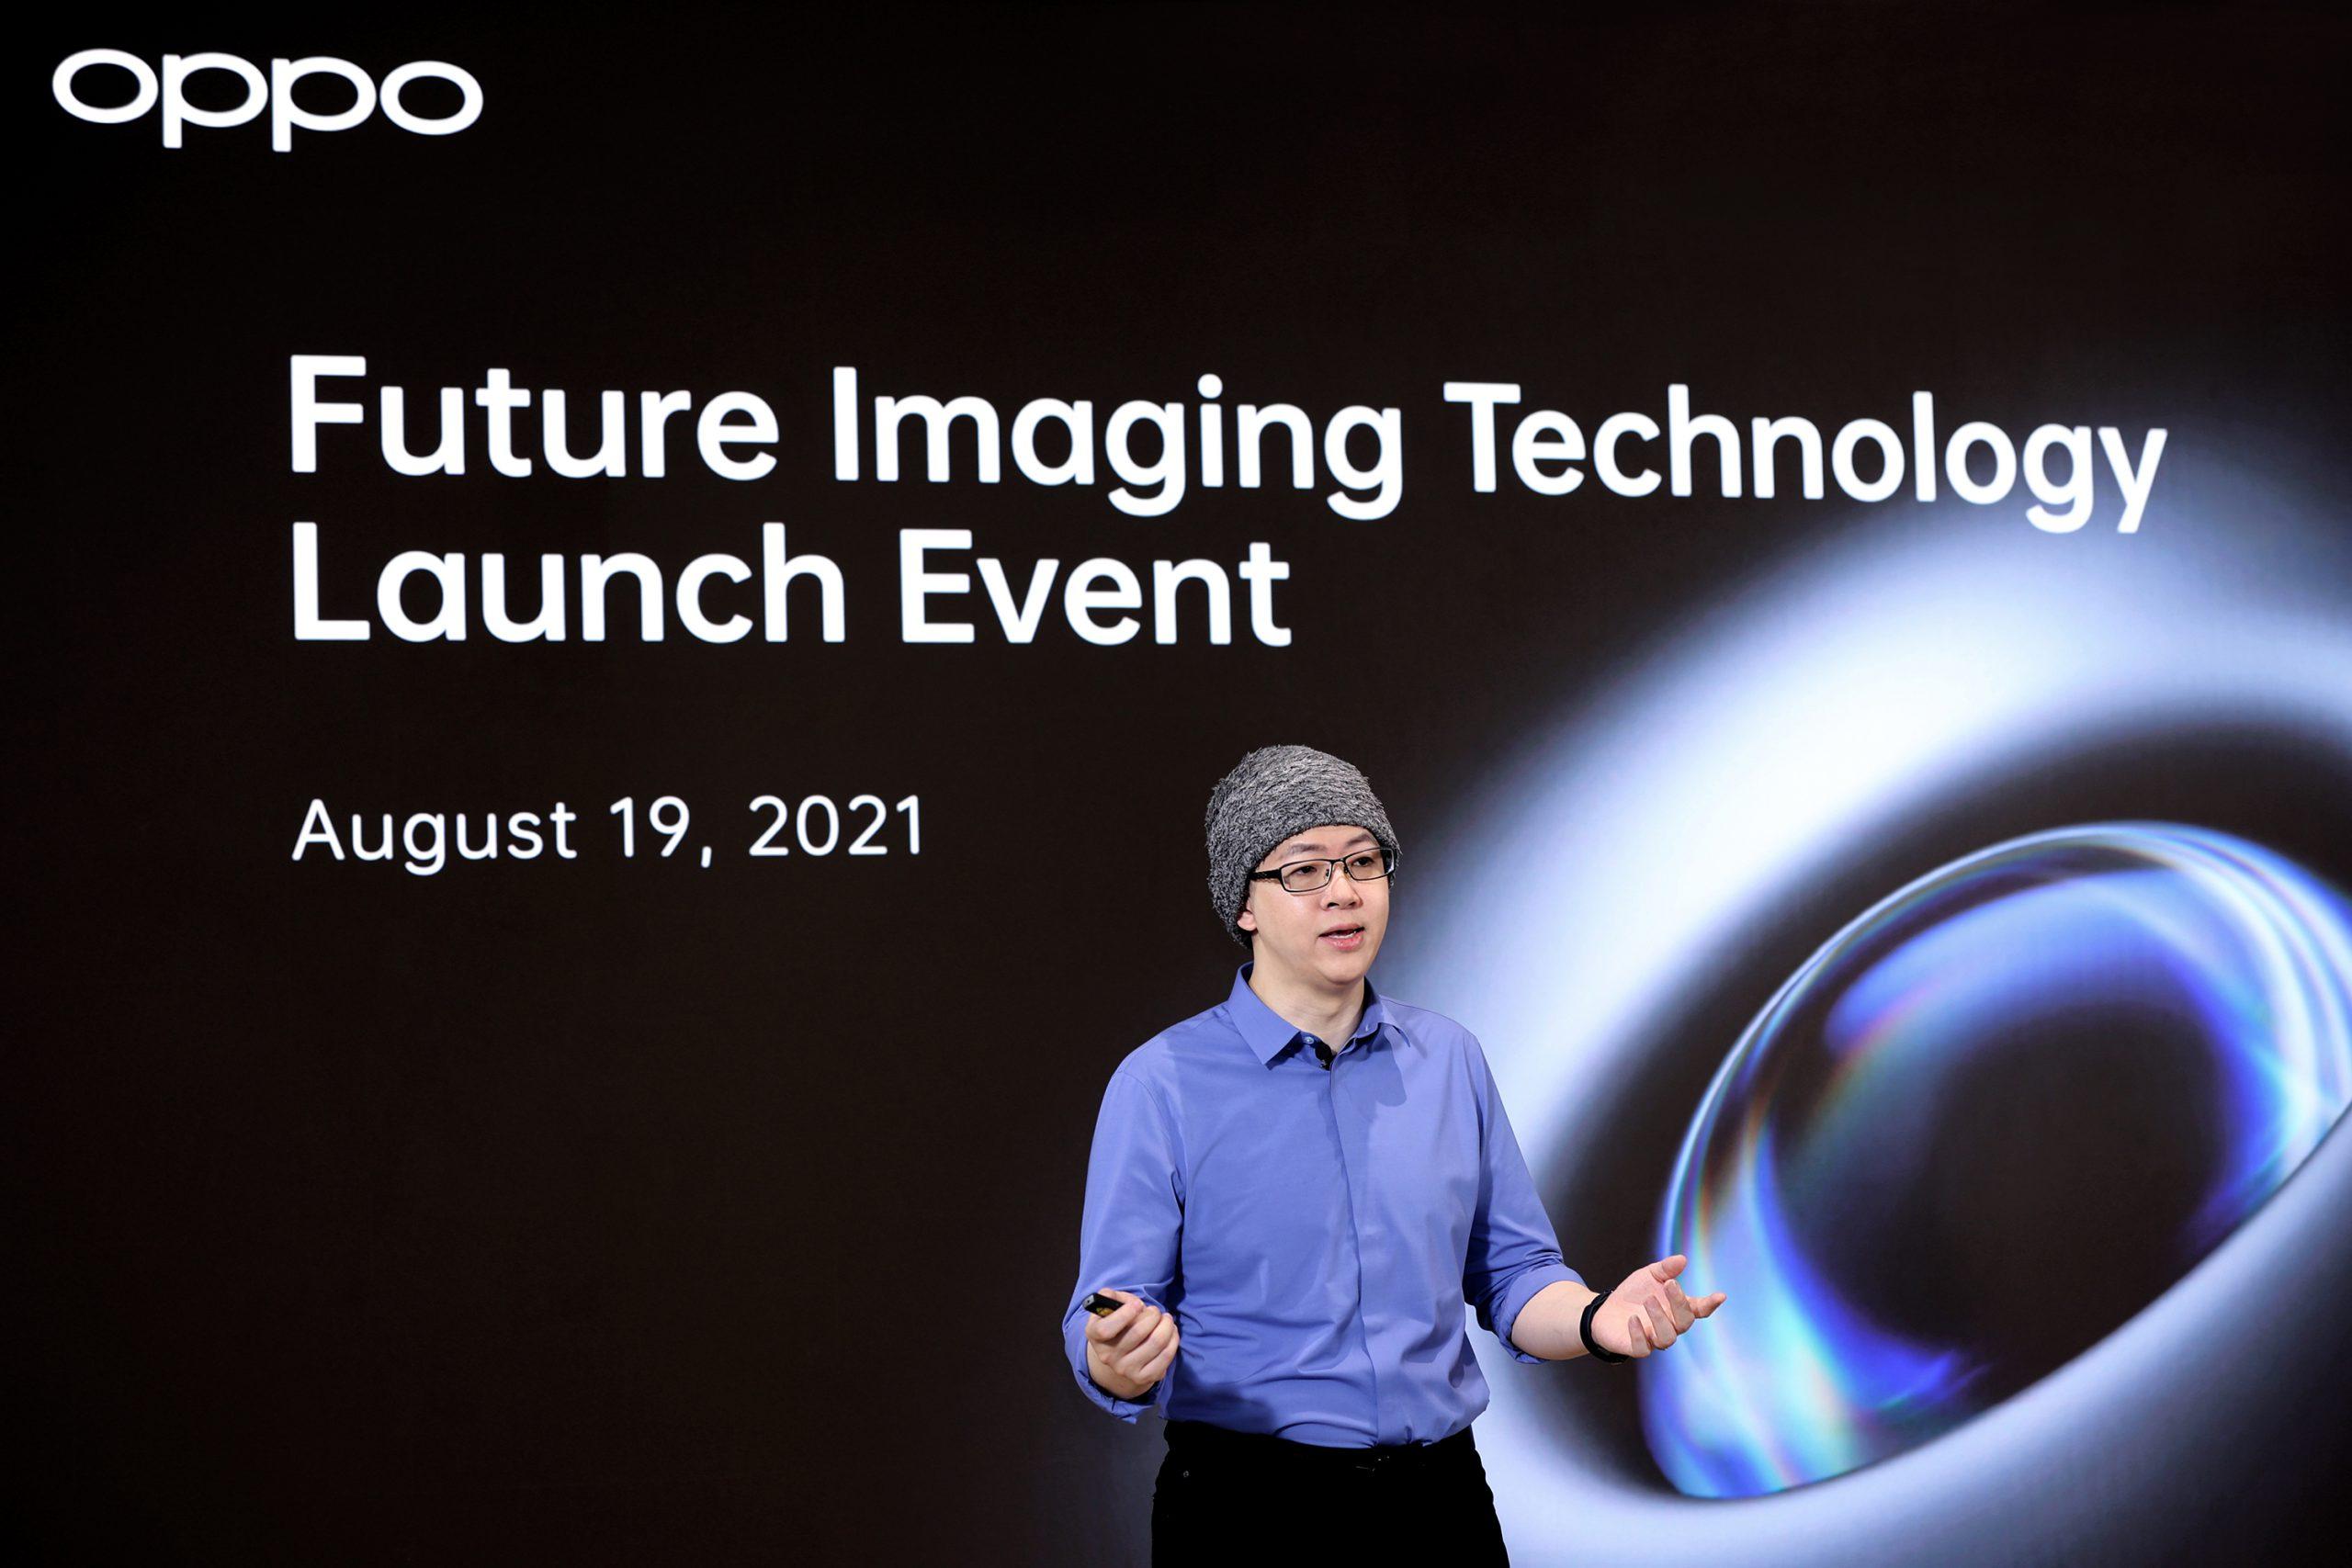 Oppo yeni nesil görüntüleme teknolojileri